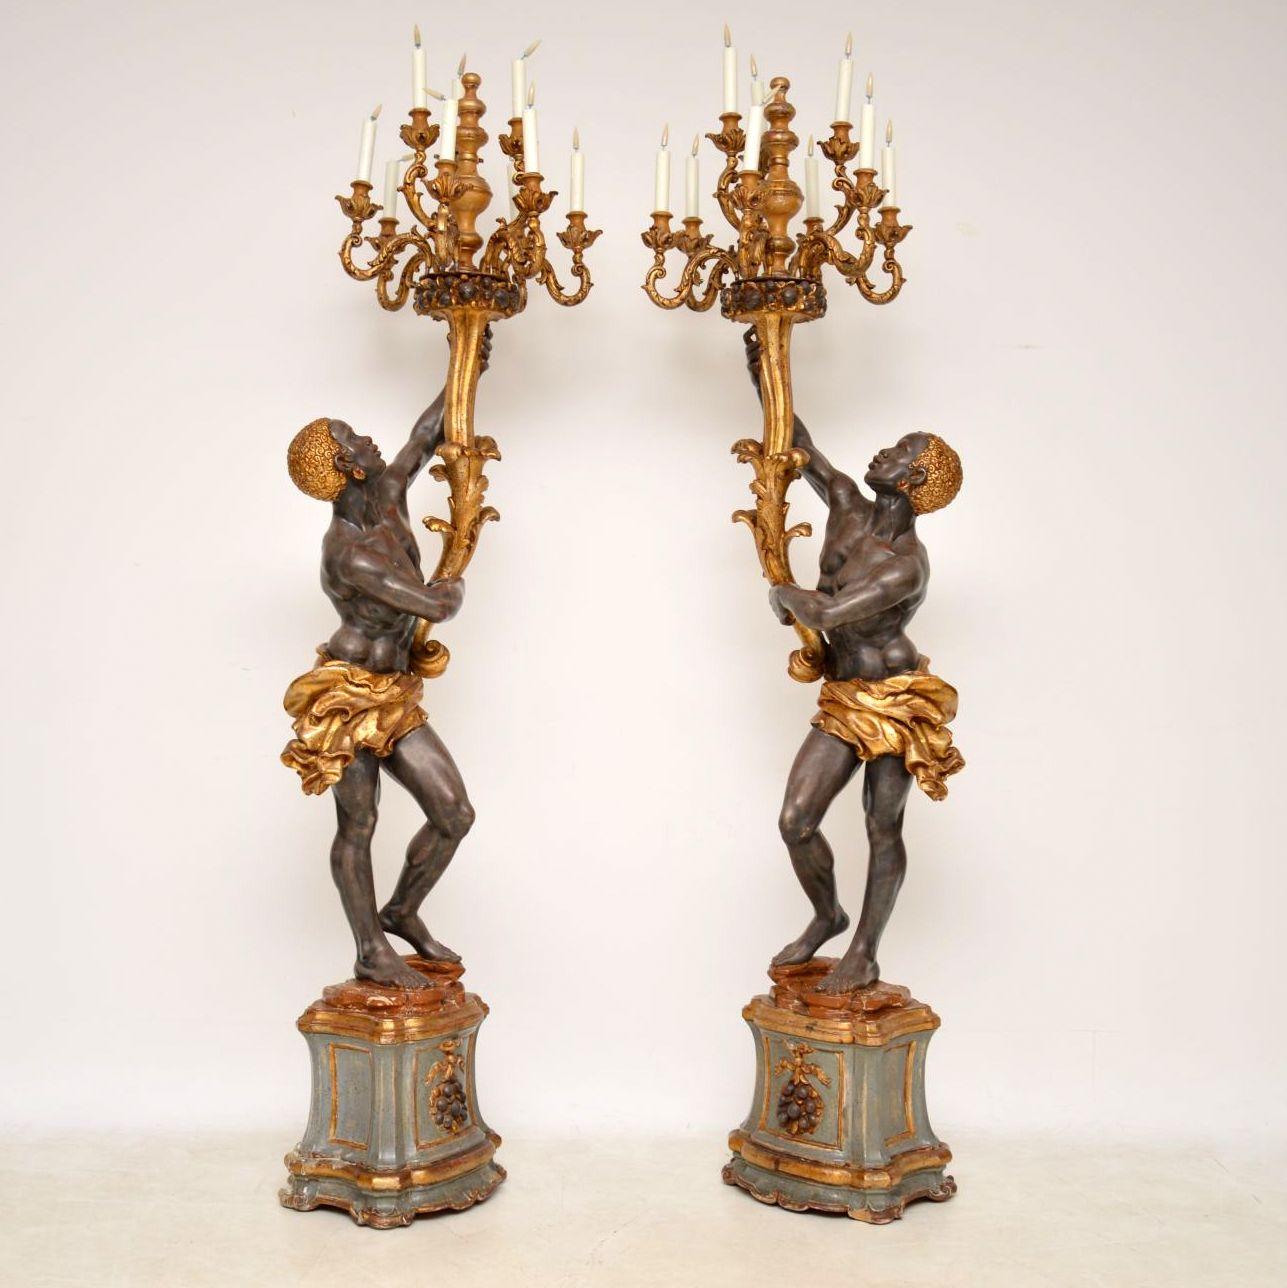 Pair of Antique Venetian Blackamoor Candelabra Sculptures